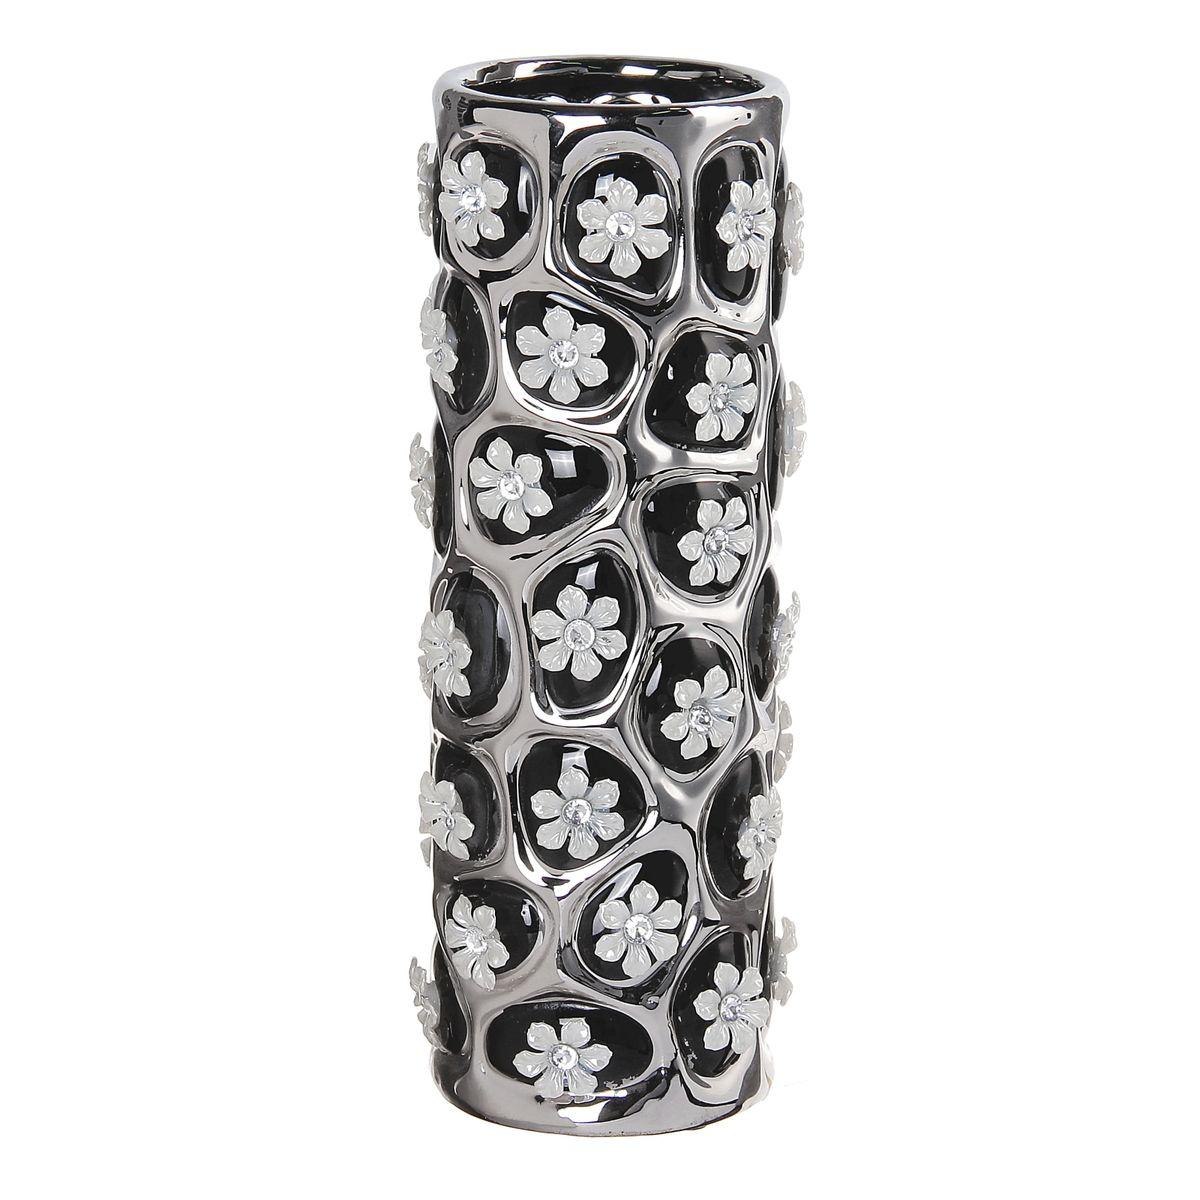 Ваза керамика цветочный орнамент 27*9*9 см черная 866189866189Керамика